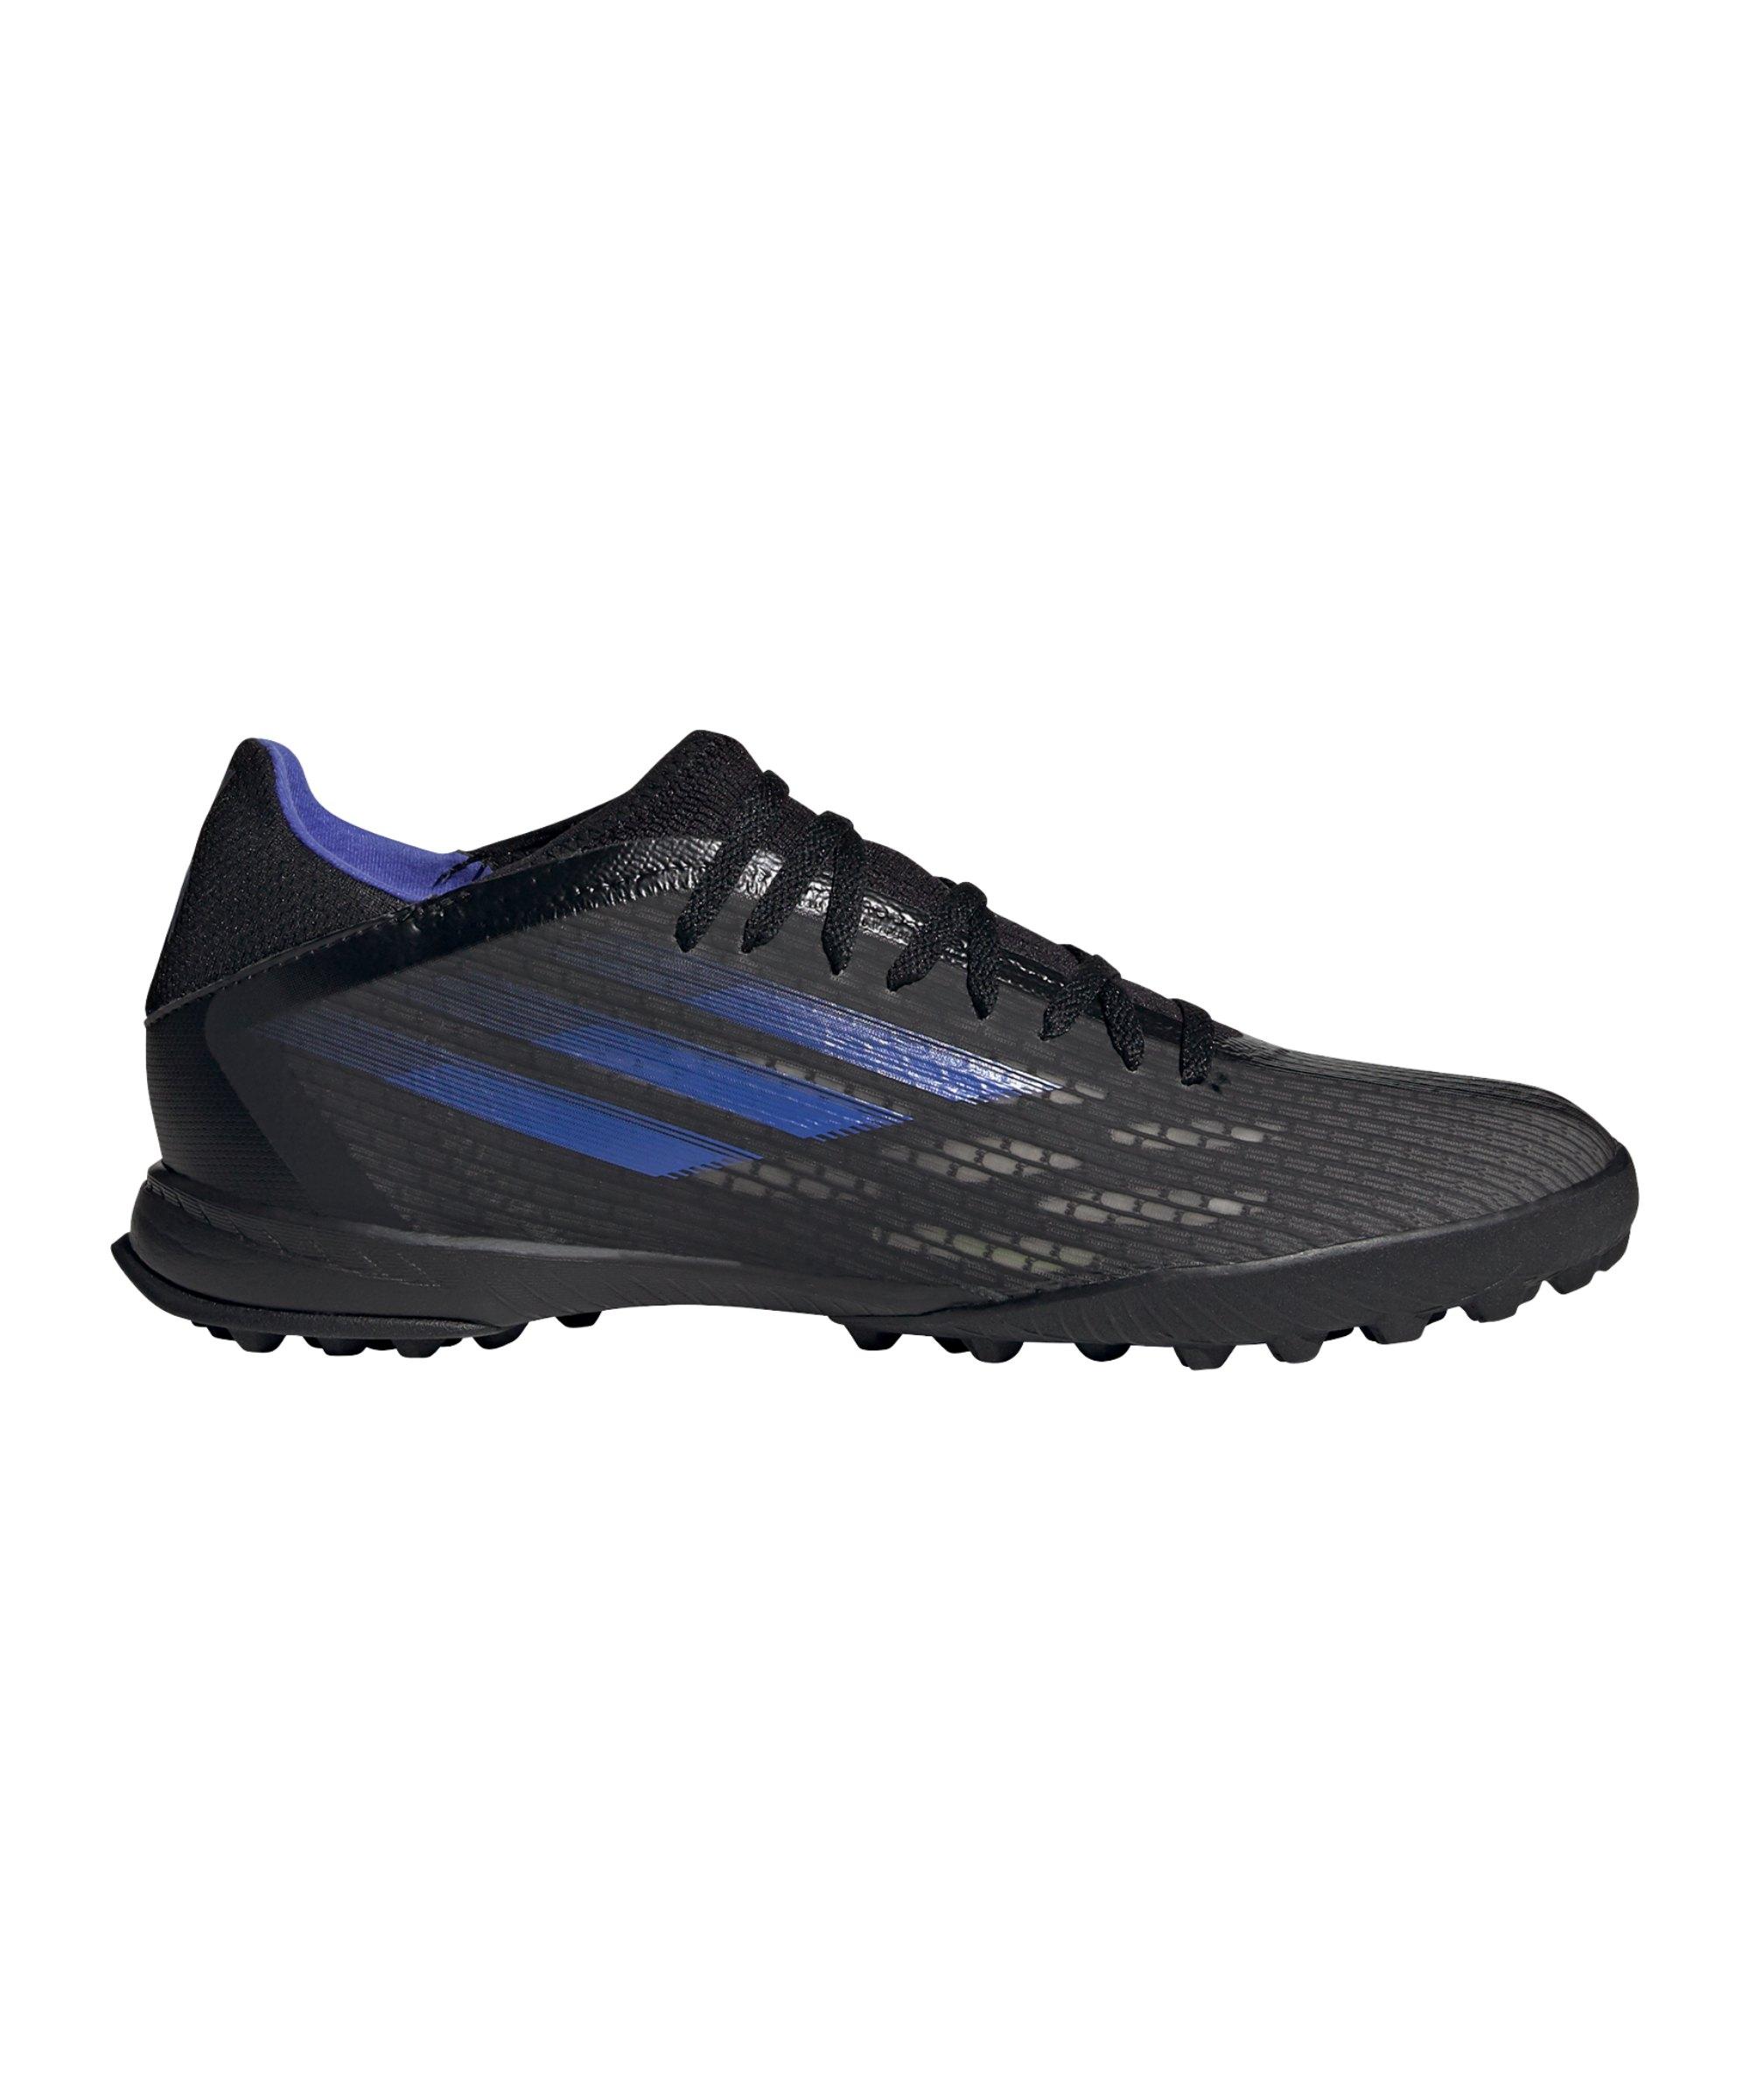 adidas X SPEEDFLOW.3 TF Escapelight Schwarz Blau - schwarz